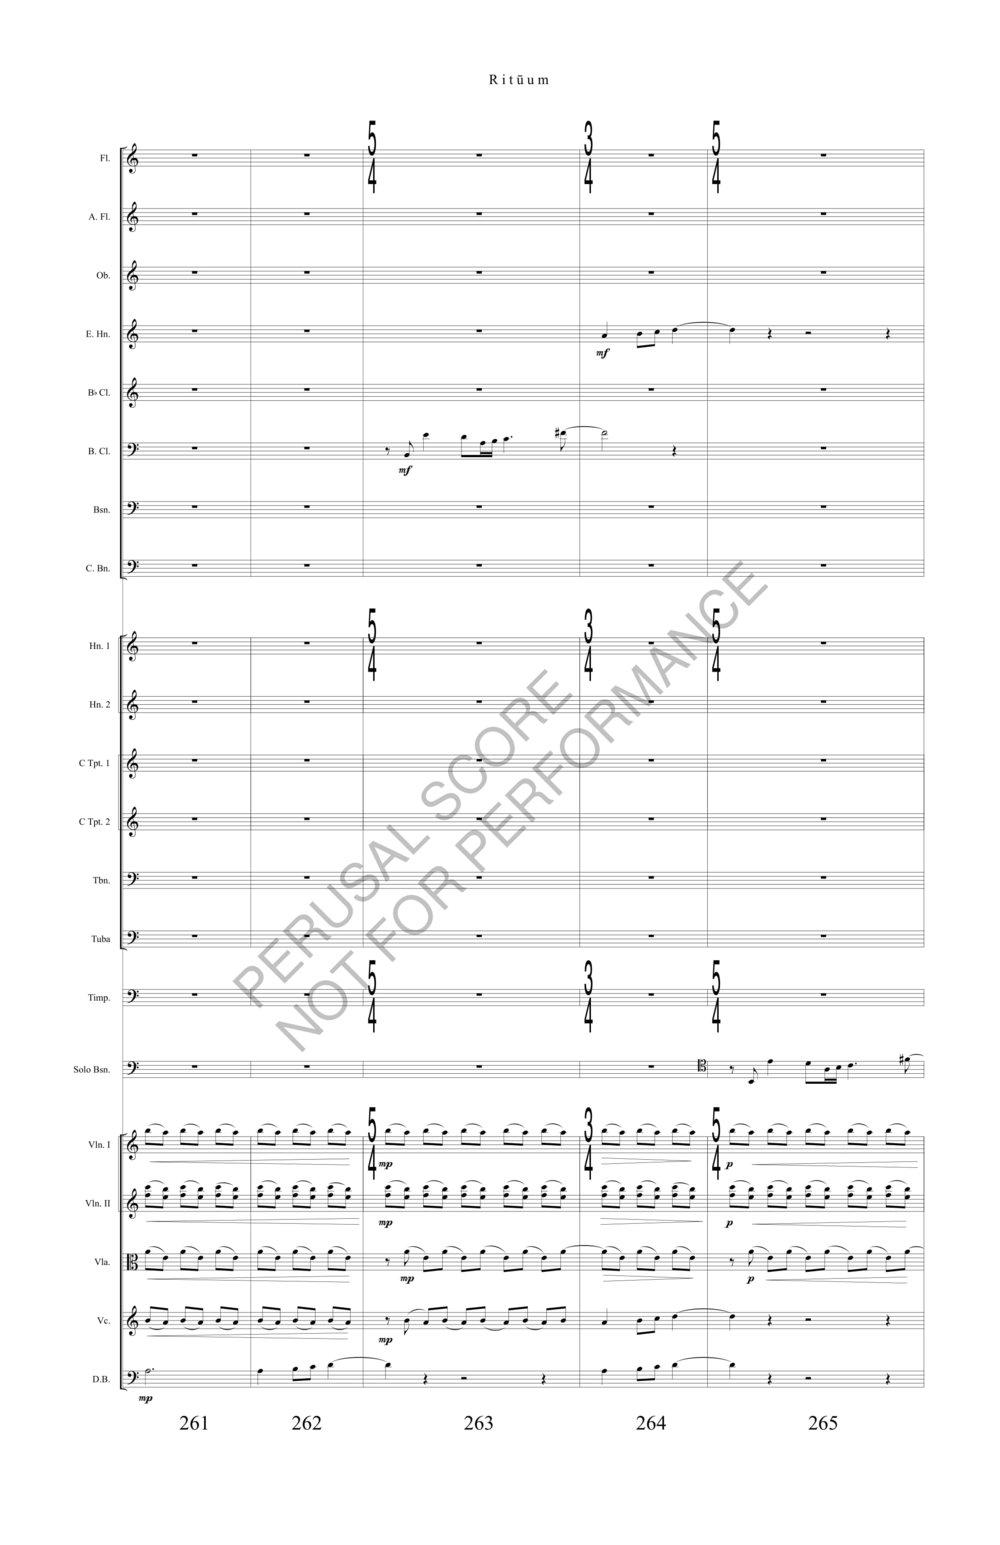 Boyd Rituum Score-watermark (1)-61.jpg